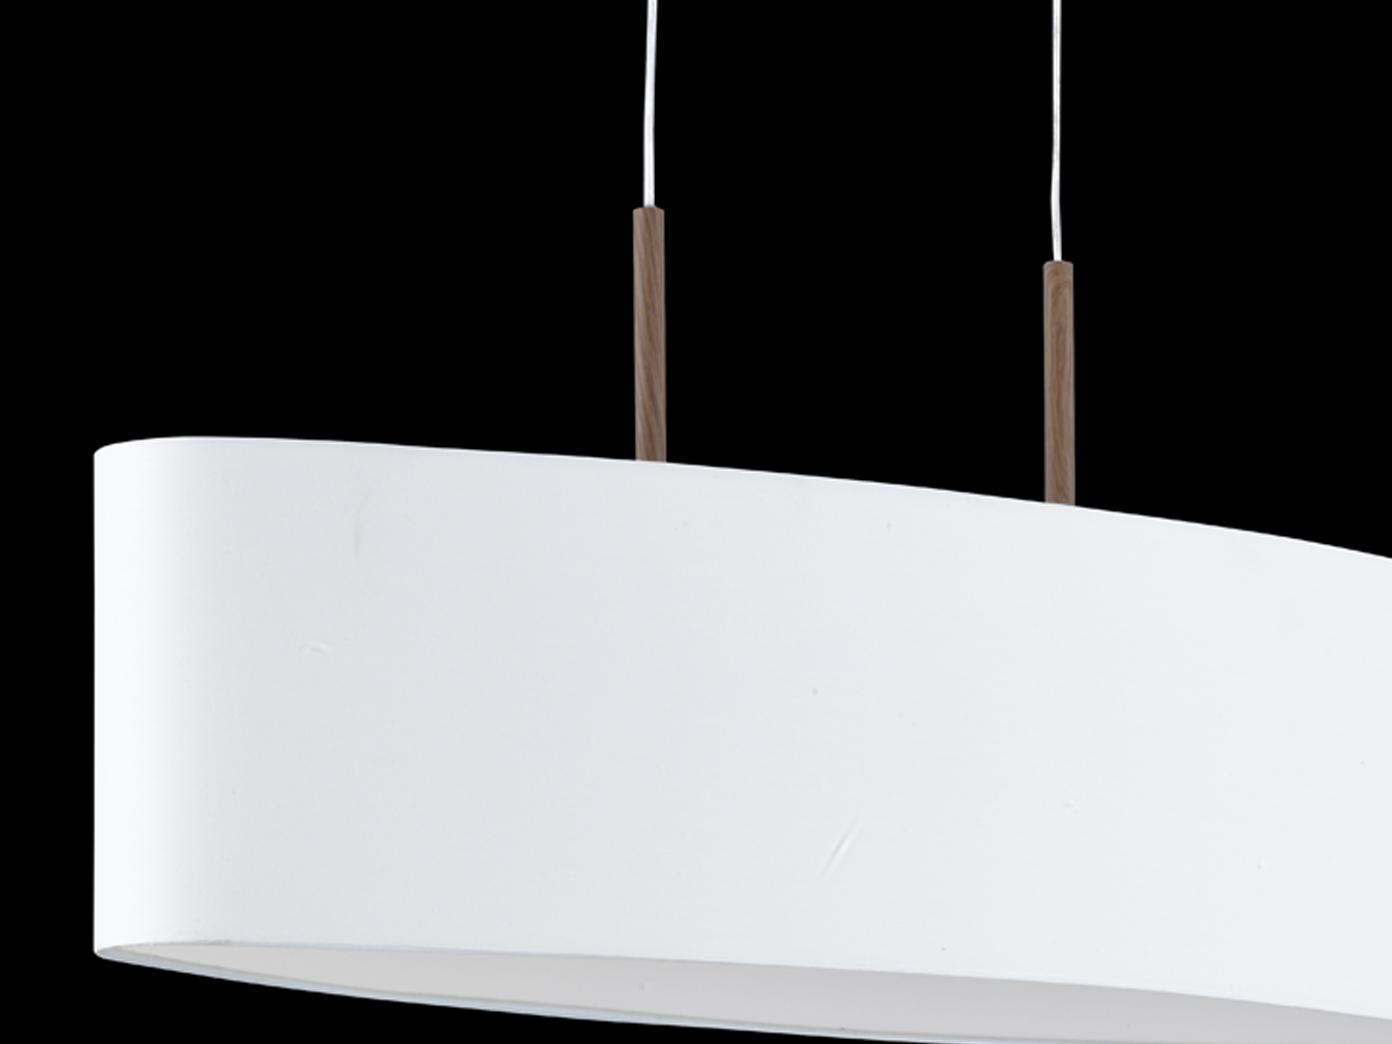 Elegant Hängeleuchte Esstisch Ideen Von 2 Von 6 Hängeleuchte Mit Led Weiß